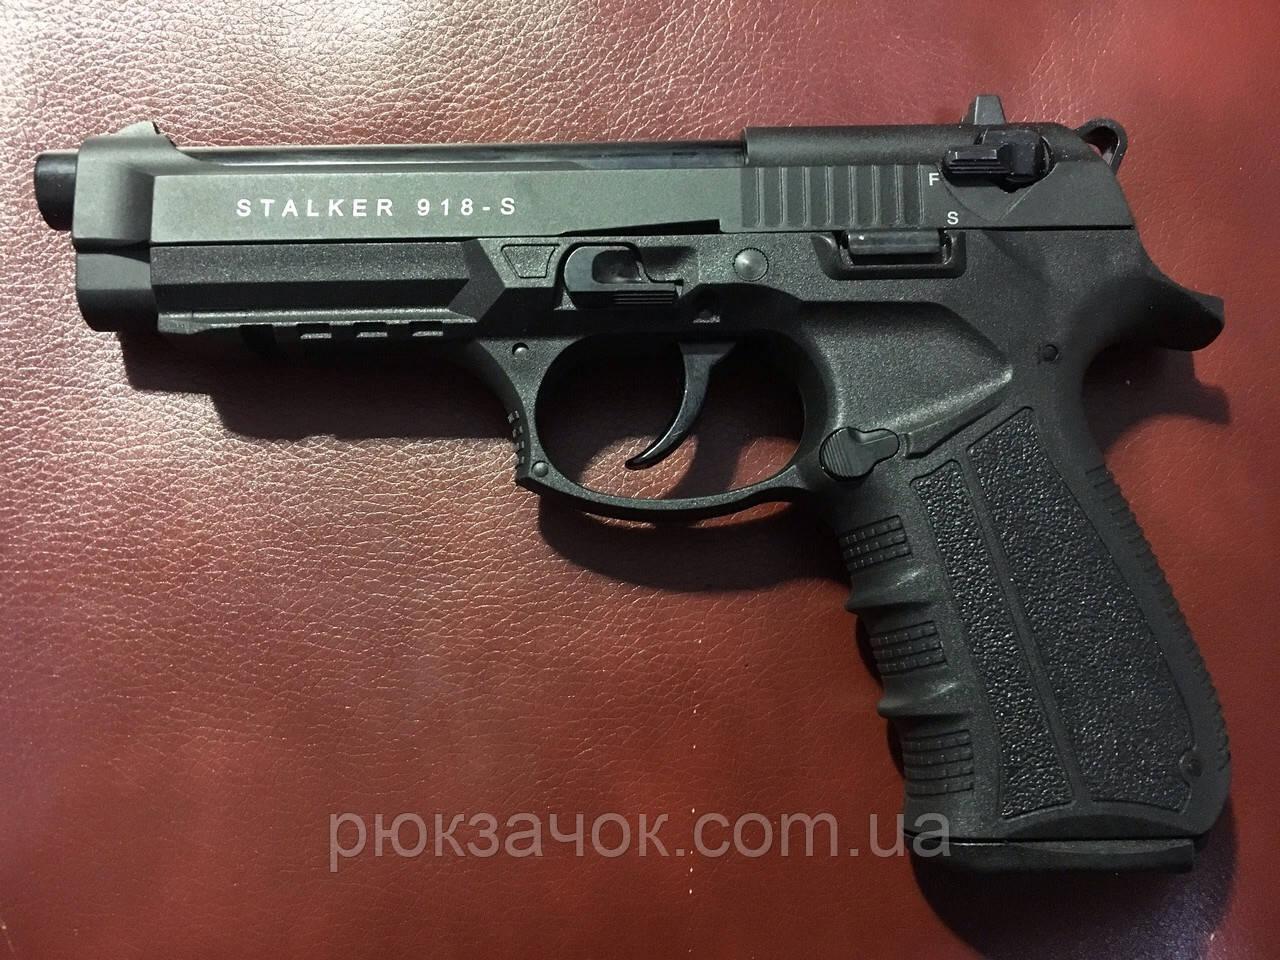 Стартовый (сигнально-шумовой) пистолет Stalker 918 s black